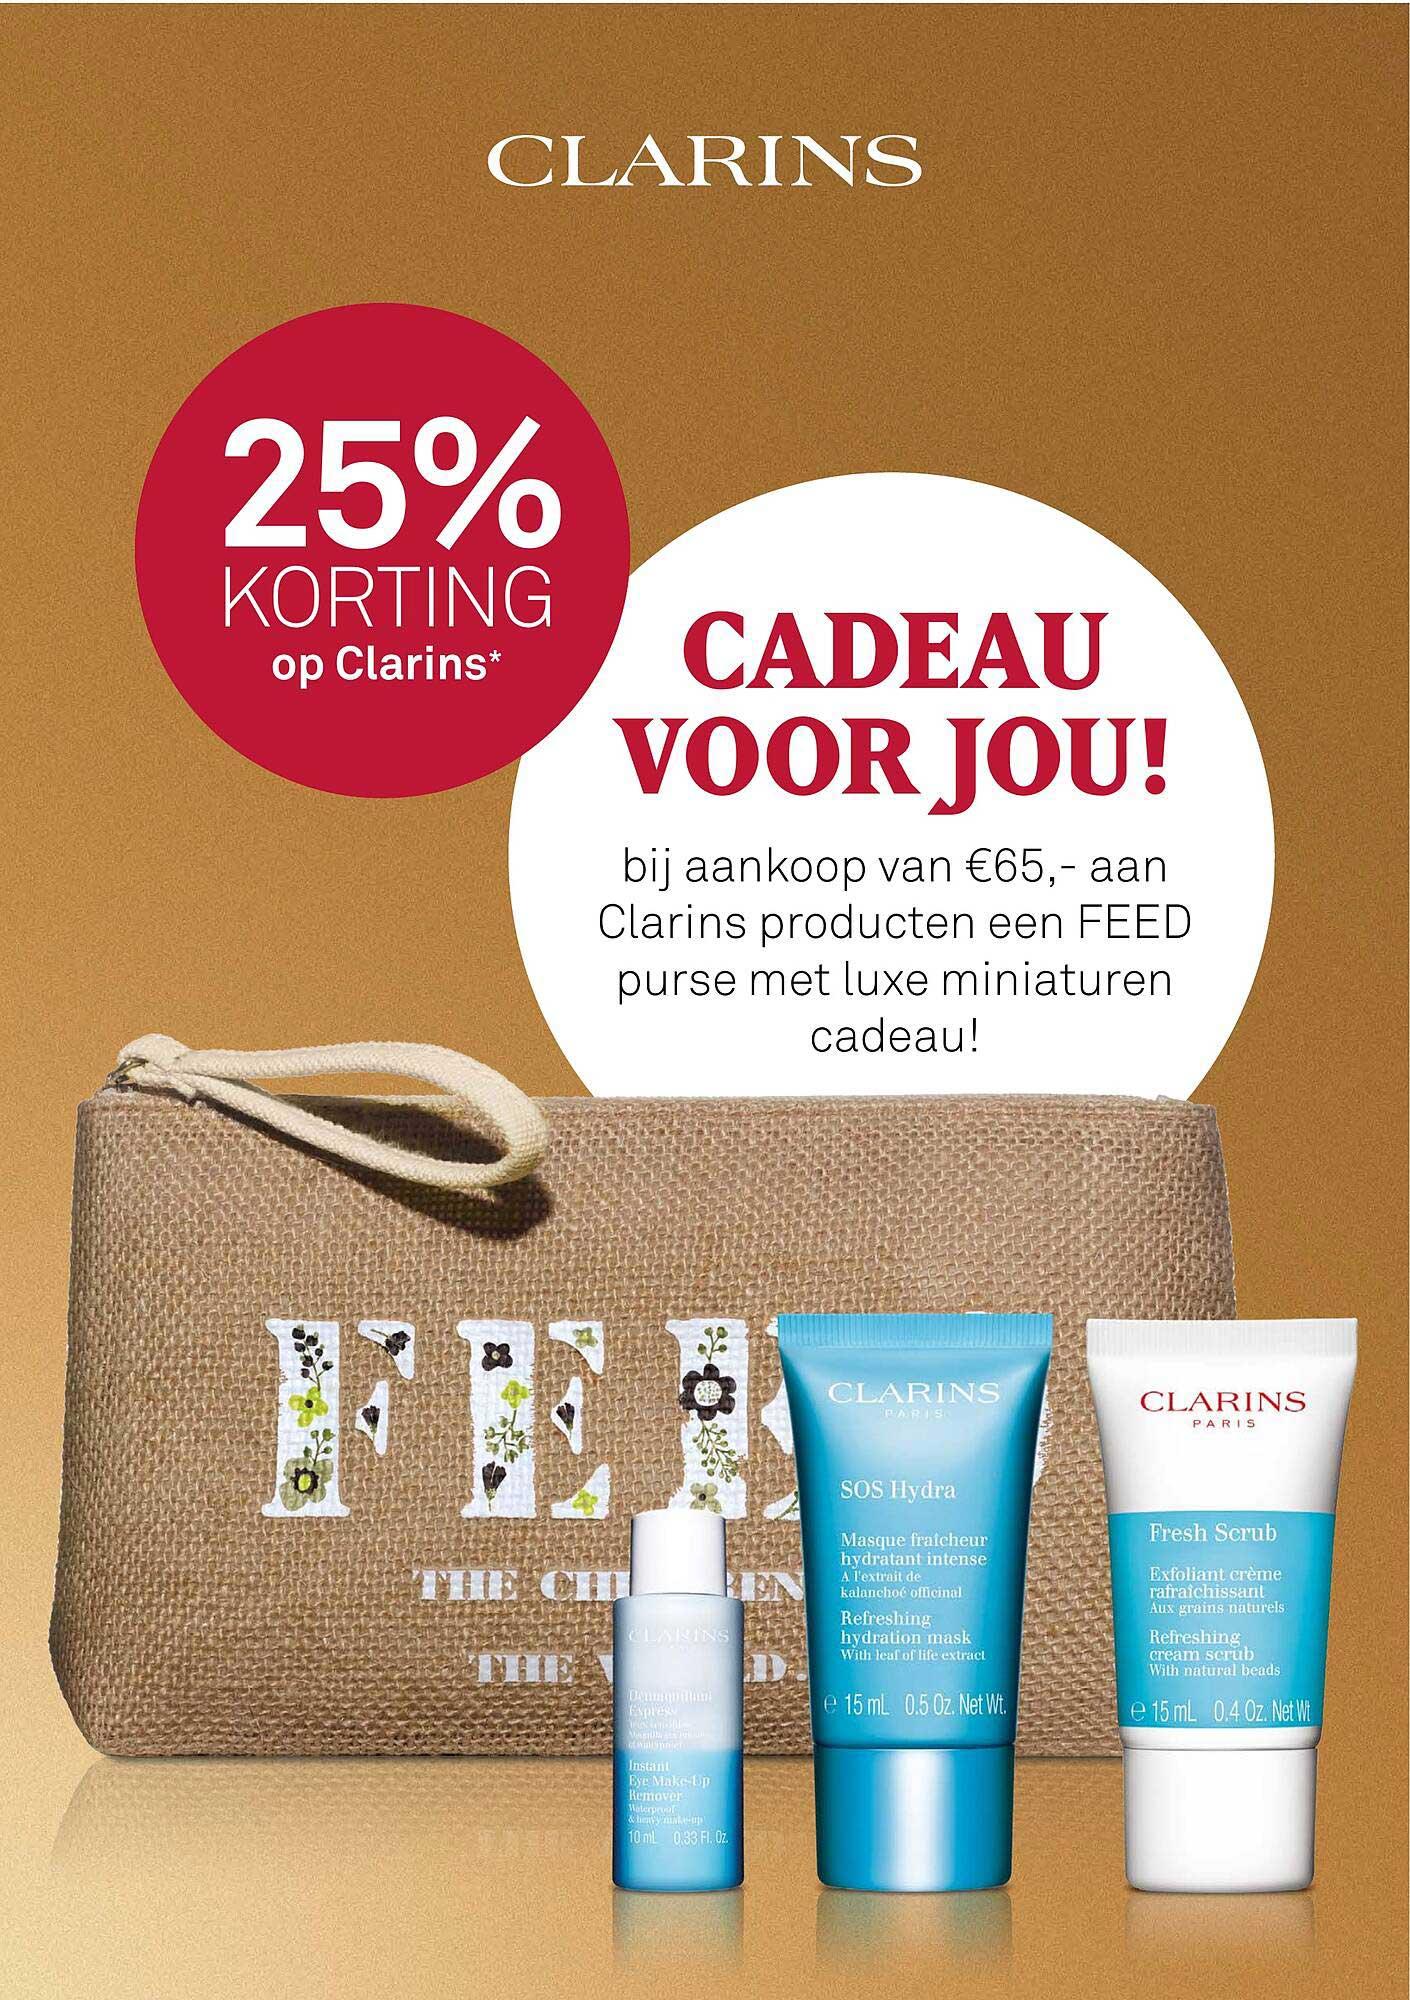 MOOI Parfumerie Op Clarins 25% Korting